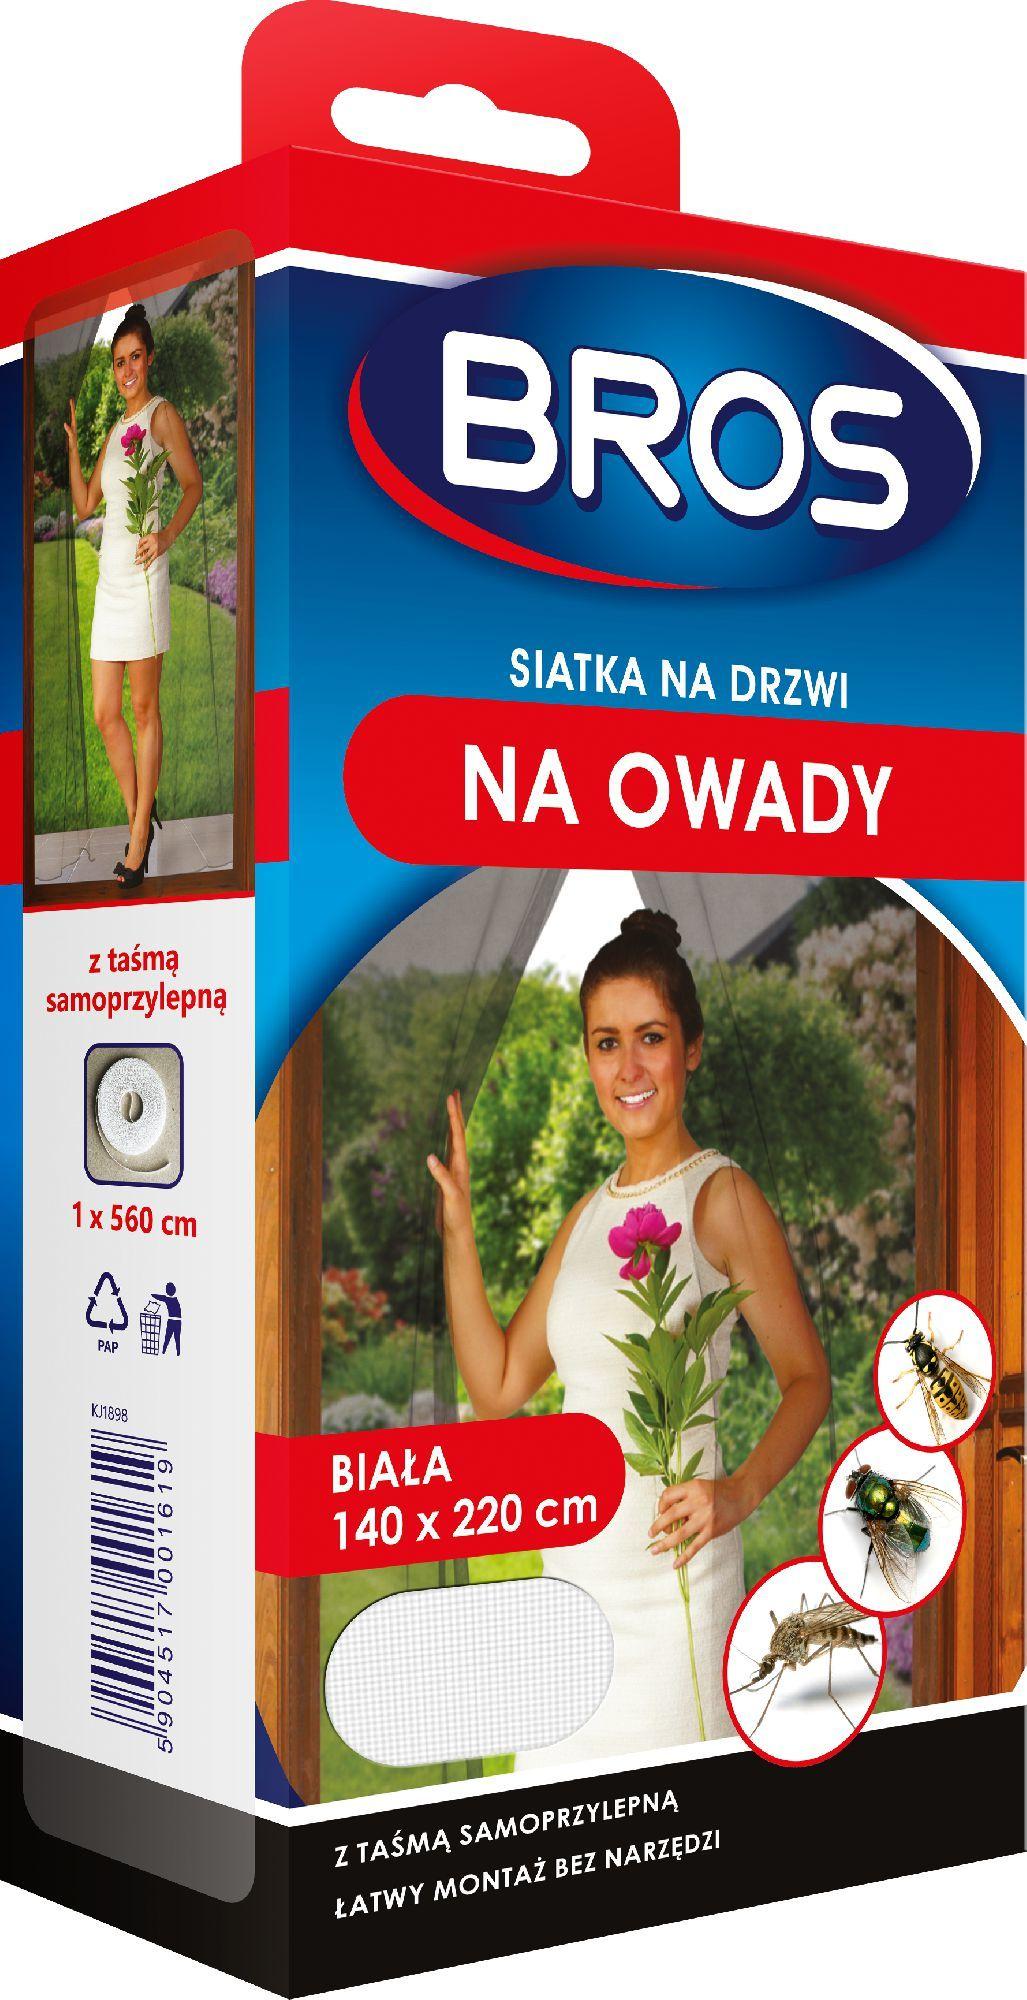 Bros Satka na drzwi 140 x 220 cm Biała 1